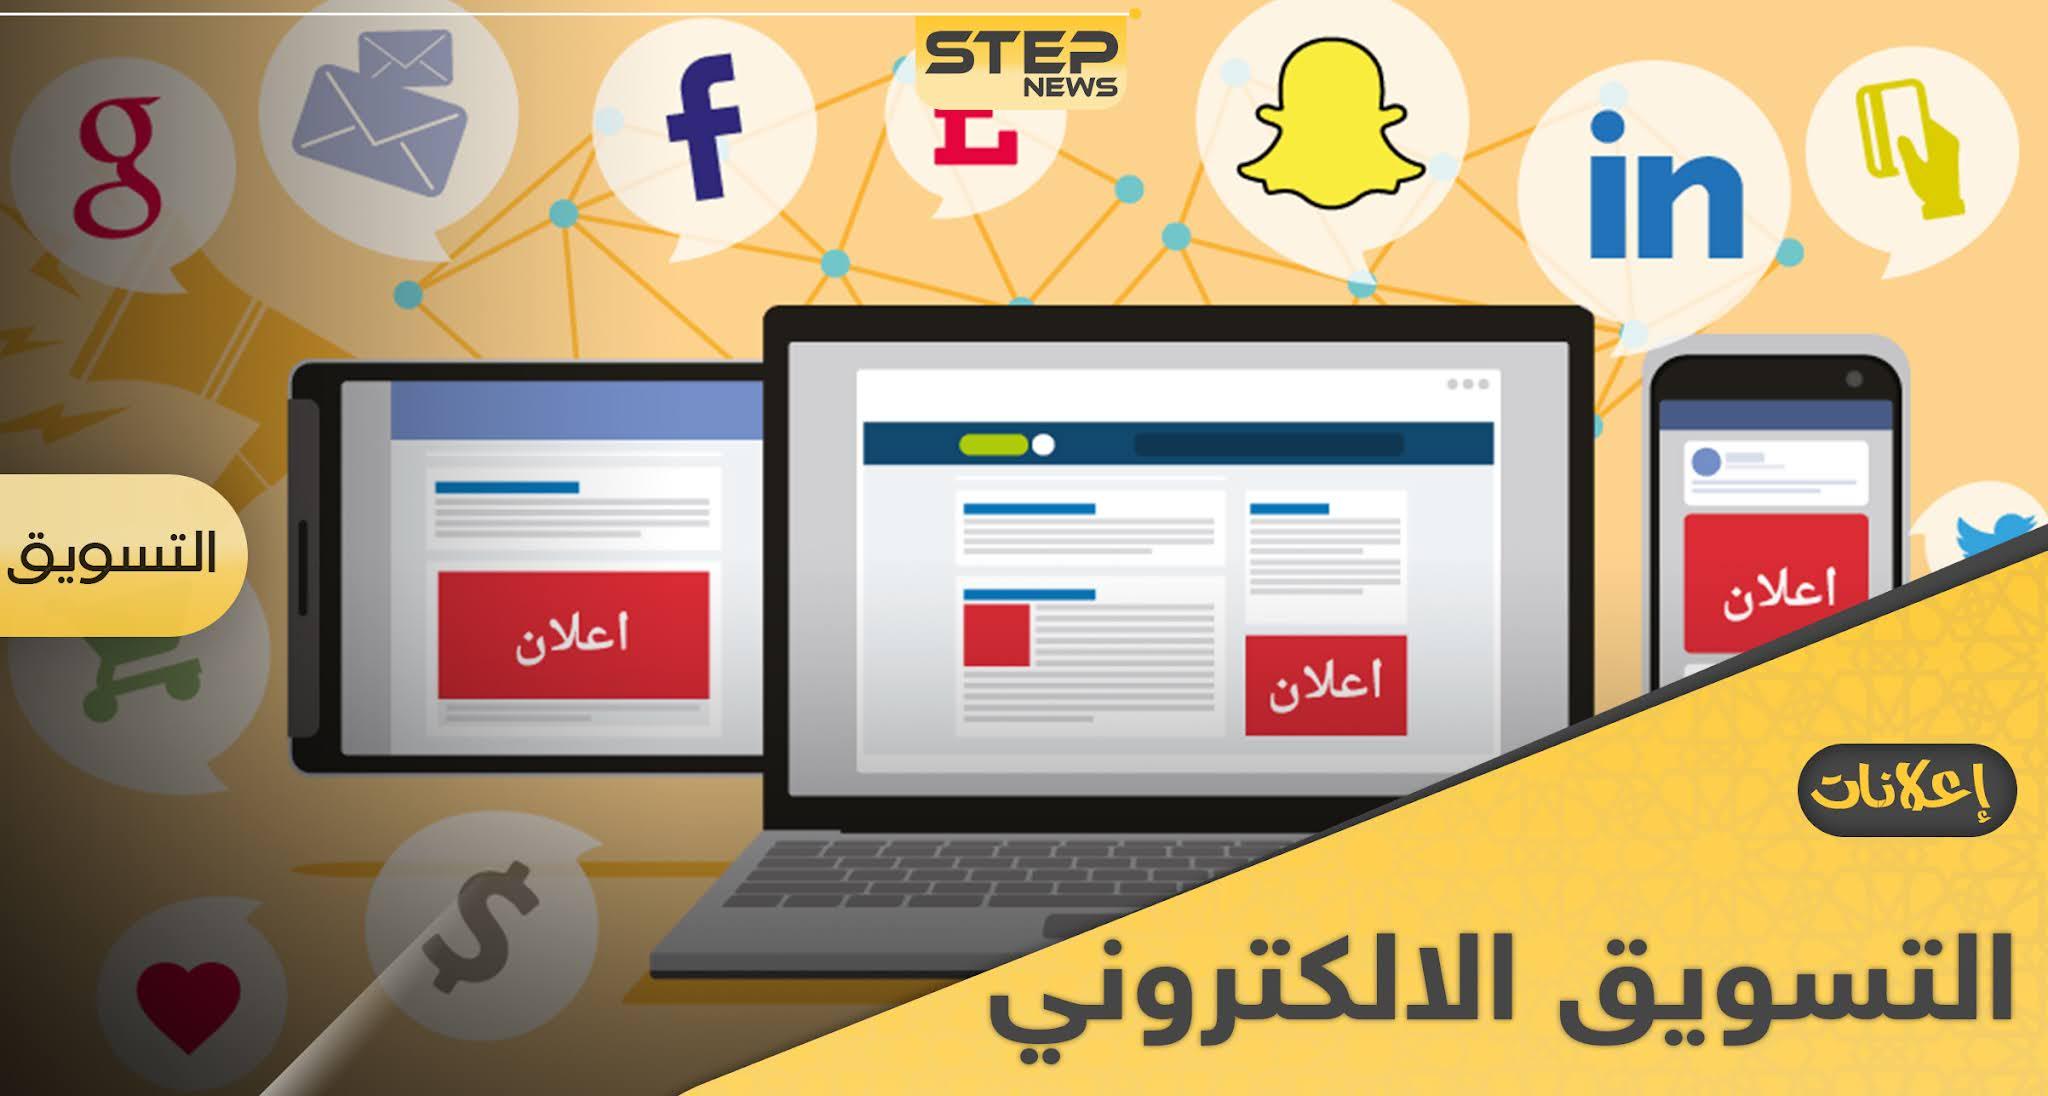 كورس التسويق الإلكتروني و  إدارة الحملات الرقمية المدفوعة مع شهادة و مجاناً